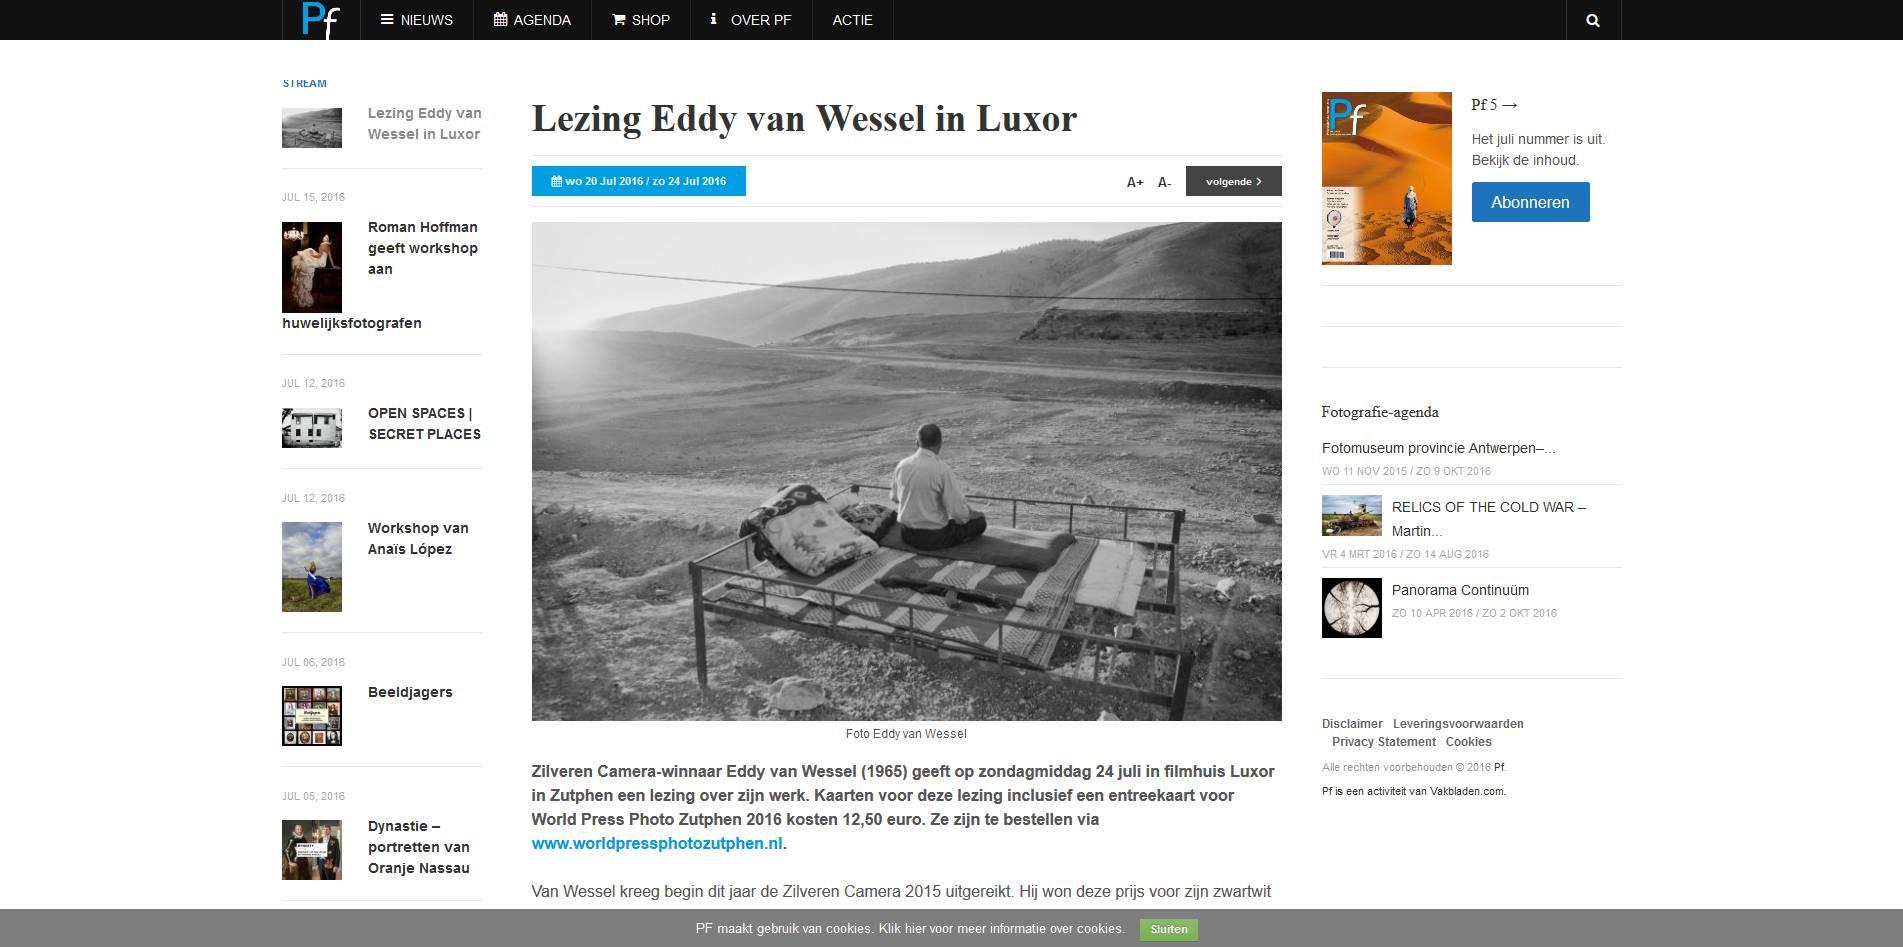 160720 PF Lezing_Eddy_van_Wessel_in_Luxor